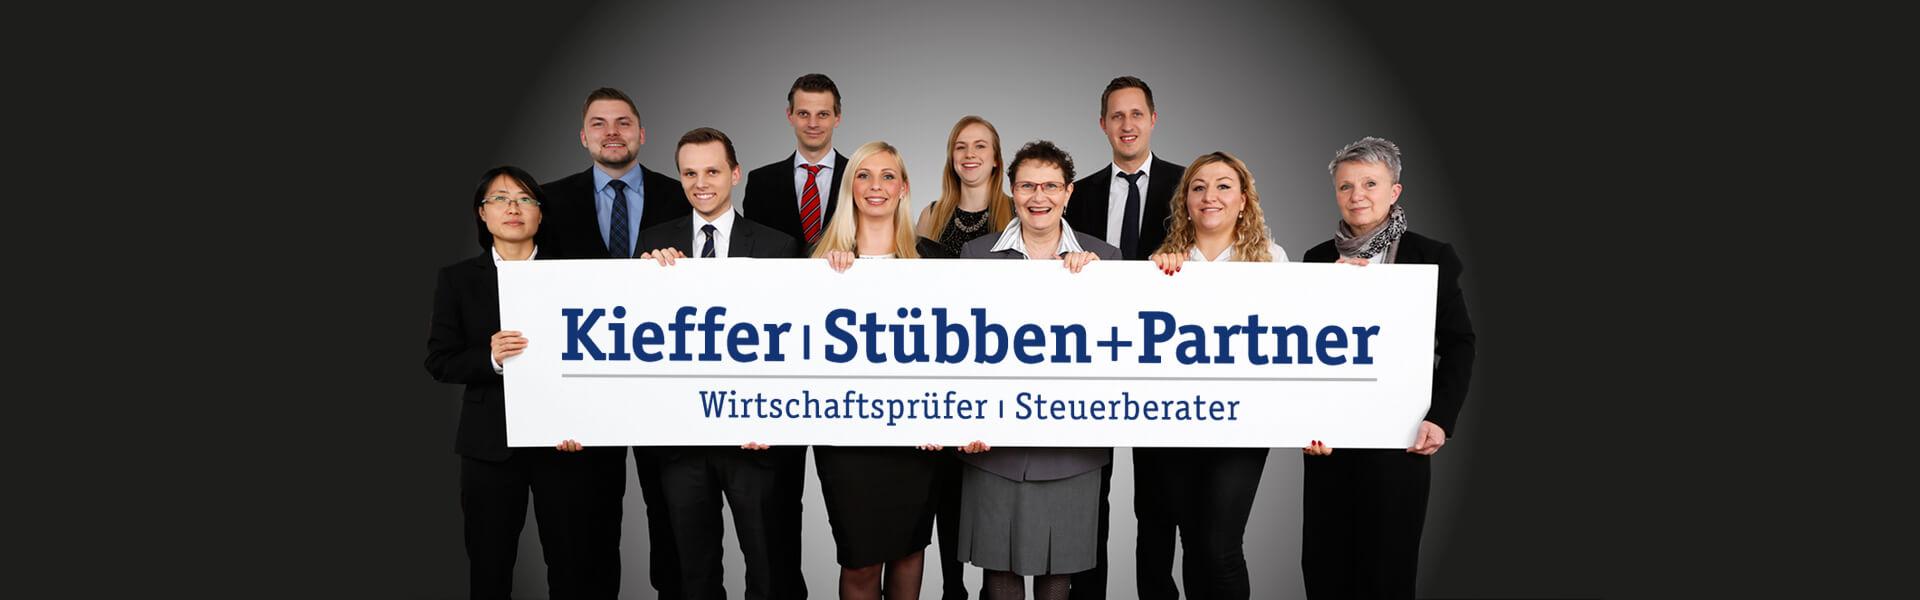 kieffer_stuebben_teamslide01